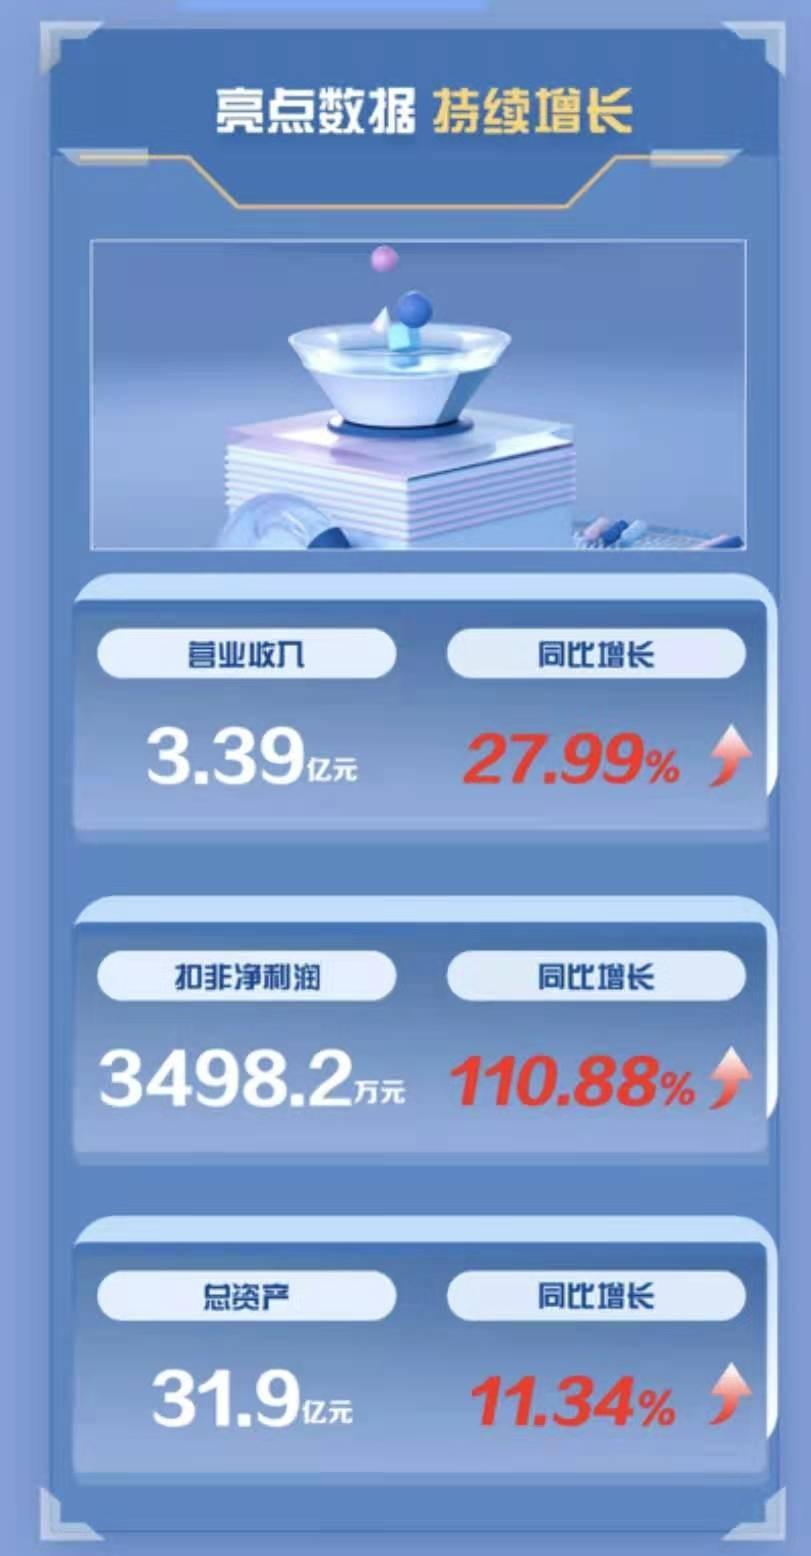 中报解读之北信源:捷报频传,抢占信创产业制高点